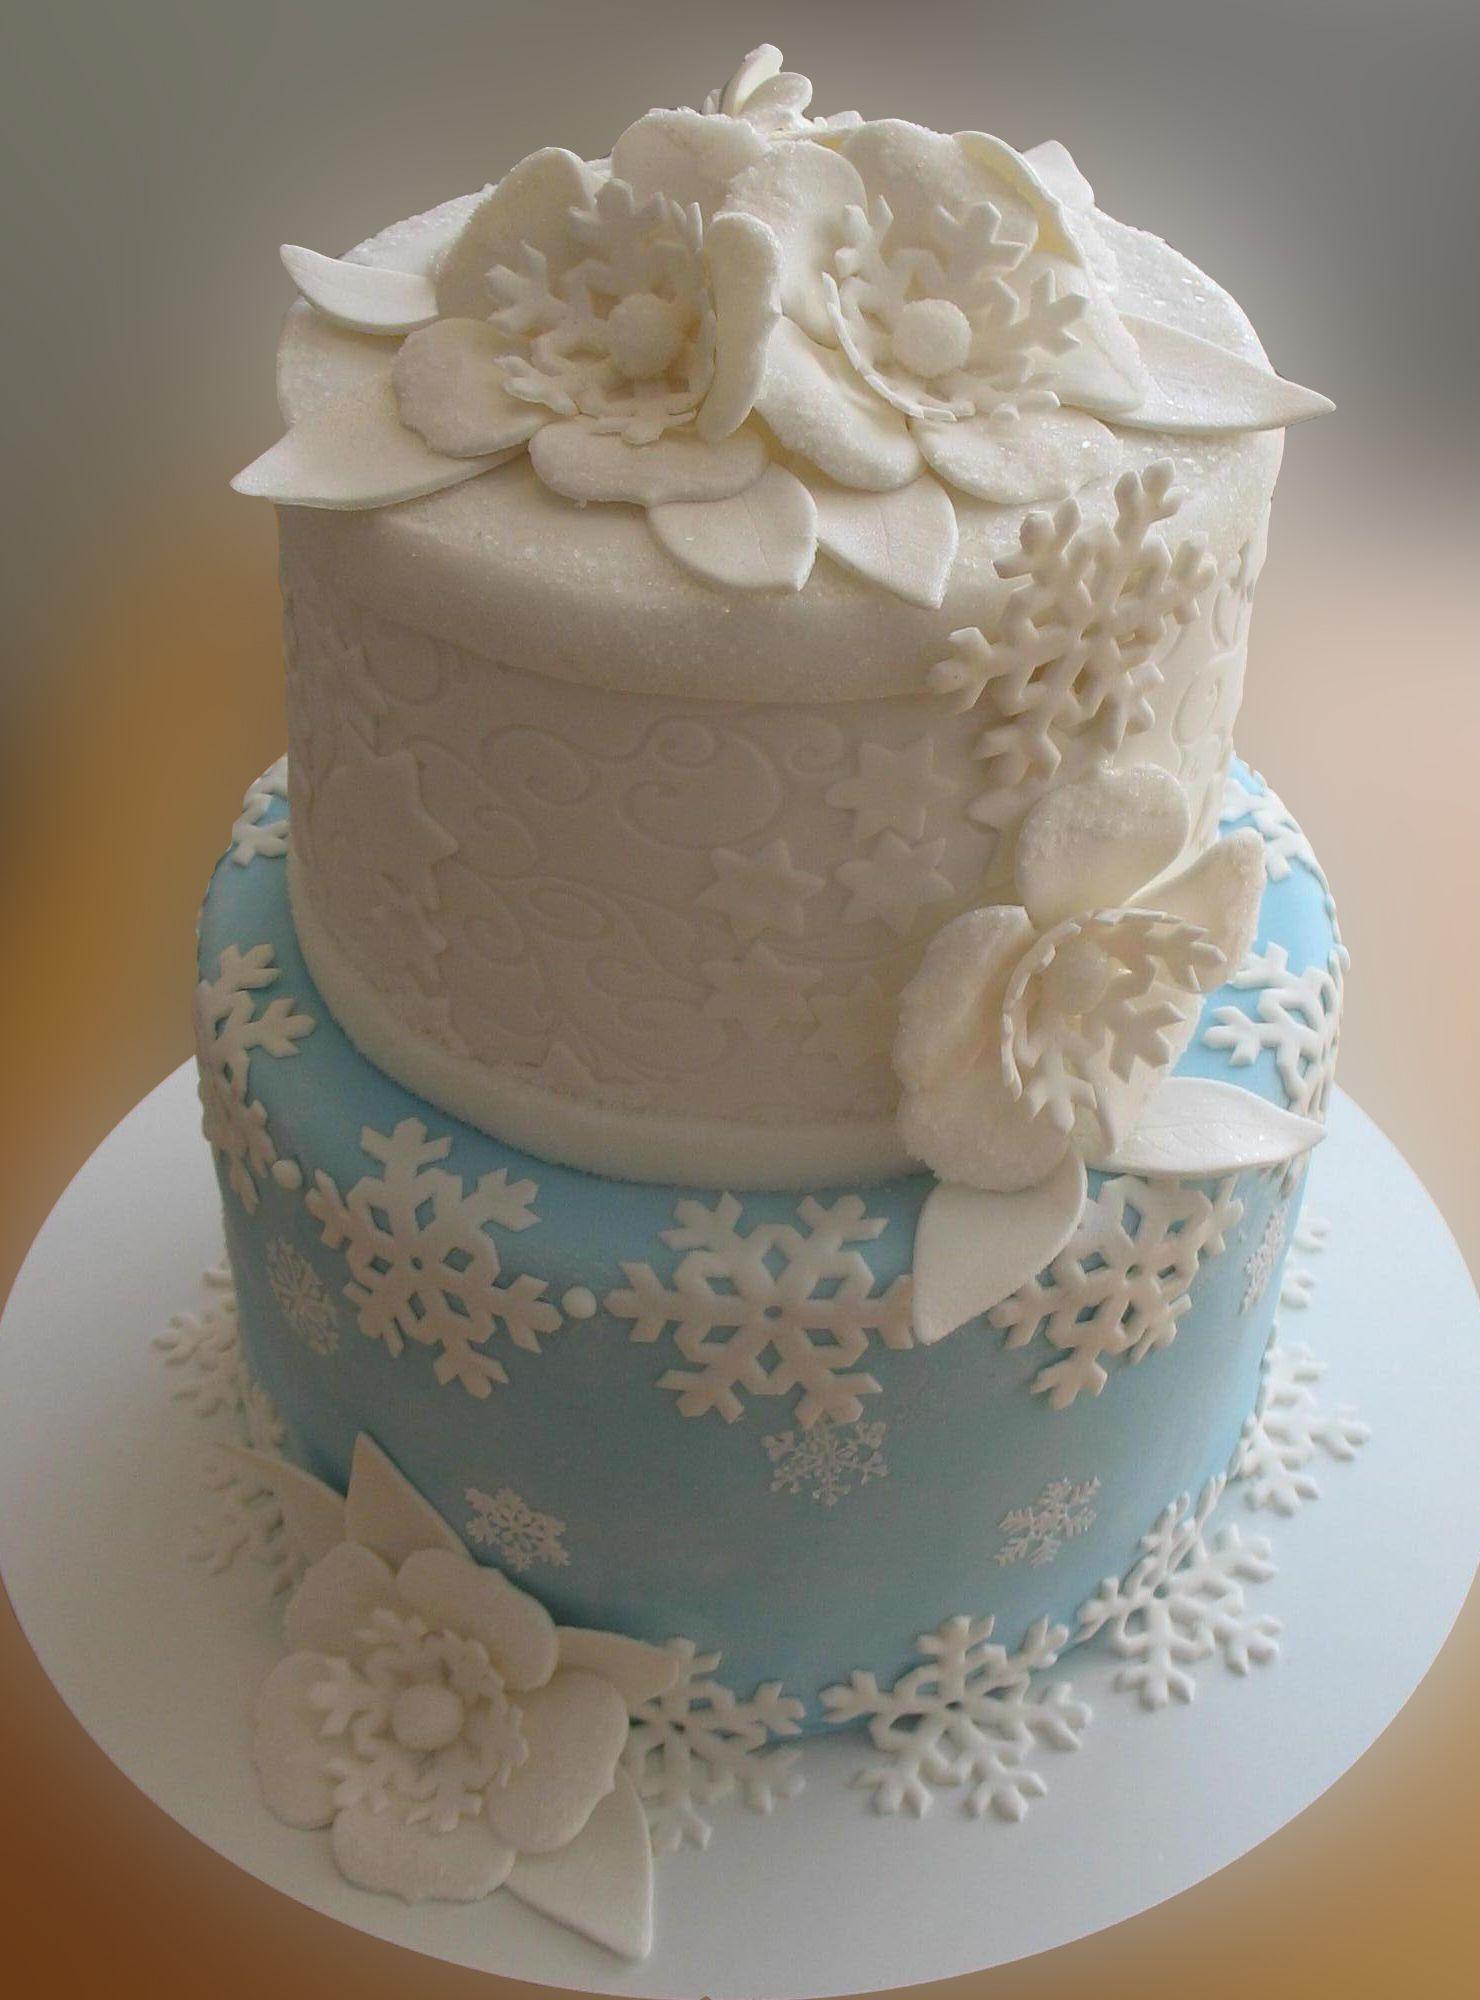 Winter Birthday Cake Designs Winter Cake Birthday Cakes Cakes